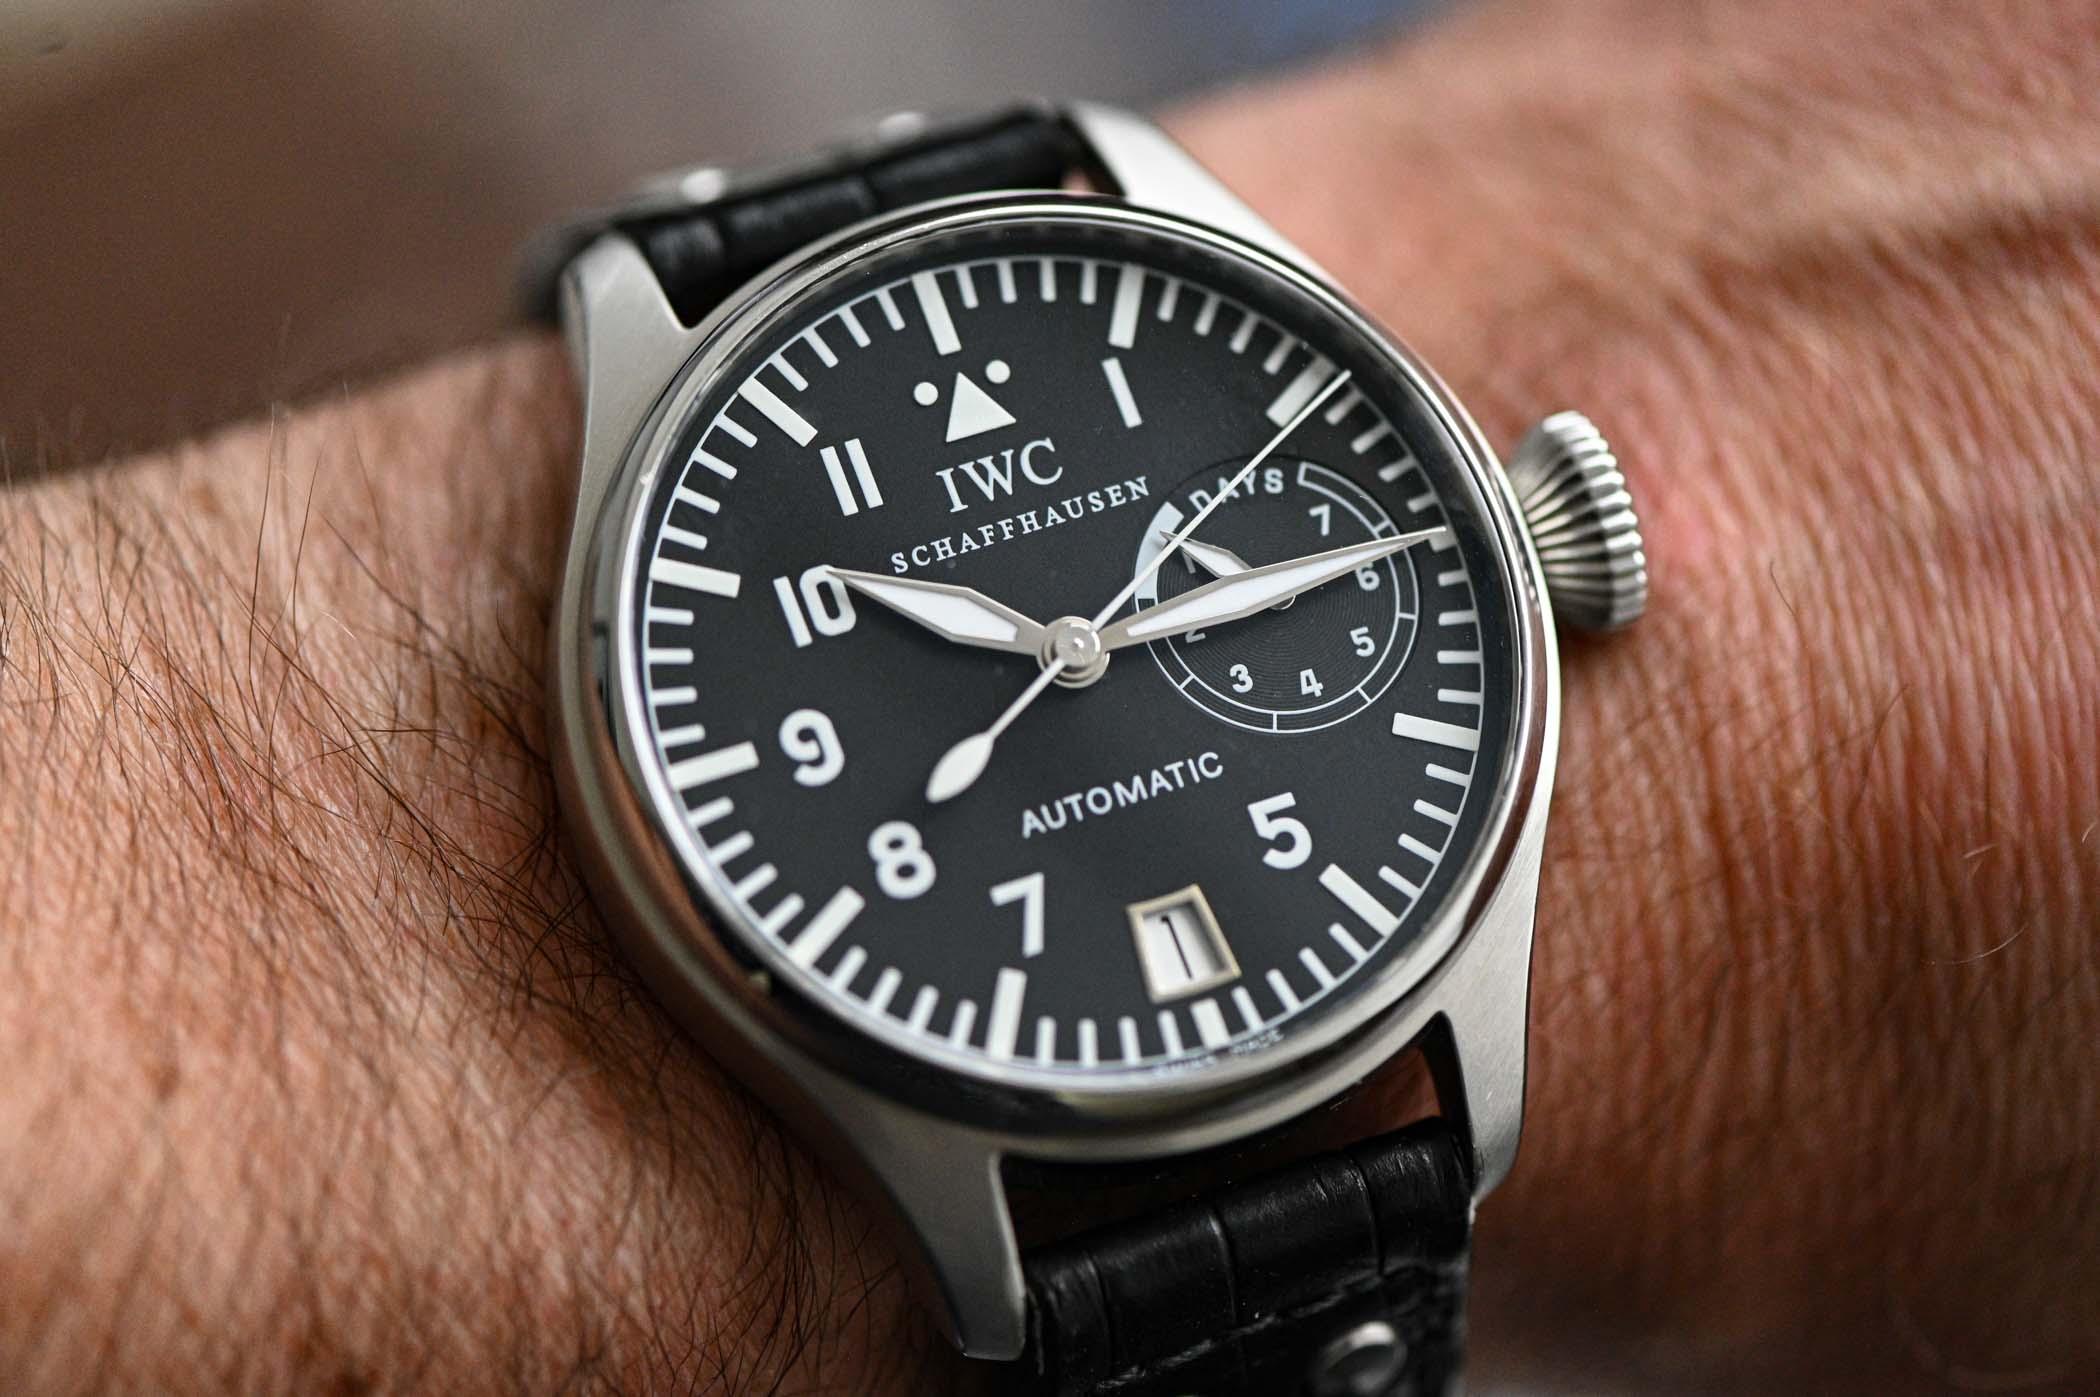 IWC ref. 5002